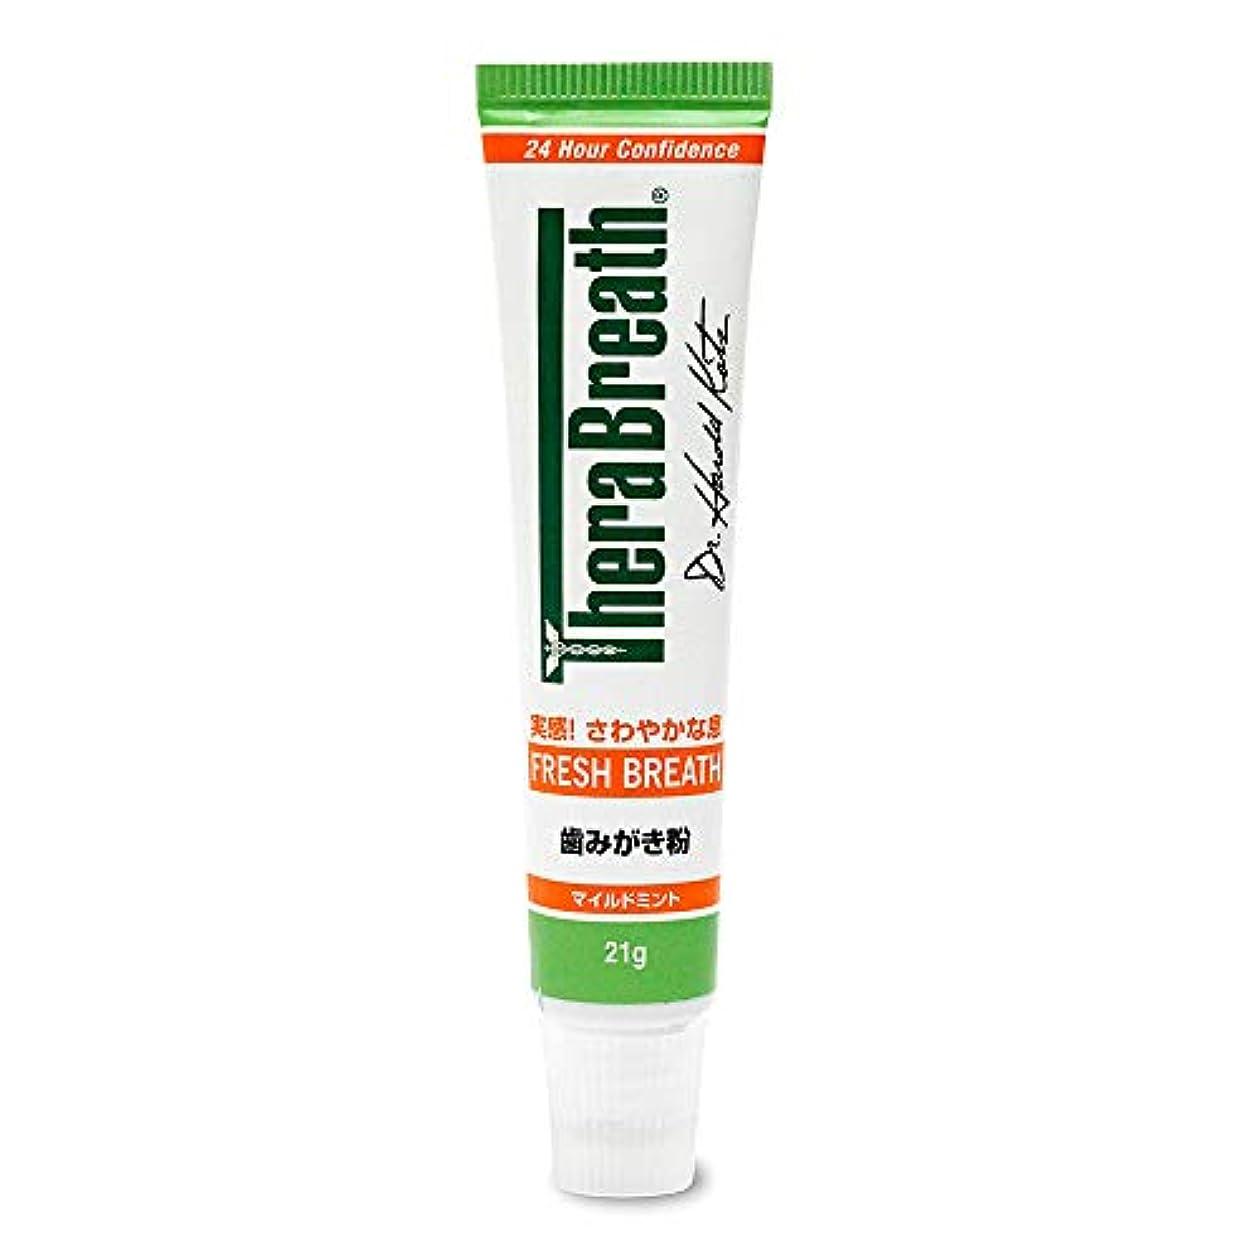 咲く注意トラフィックTheraBreath (セラブレス) セラブレス トゥースジェル ミニサイズ 21g (正規輸入品) 舌磨き